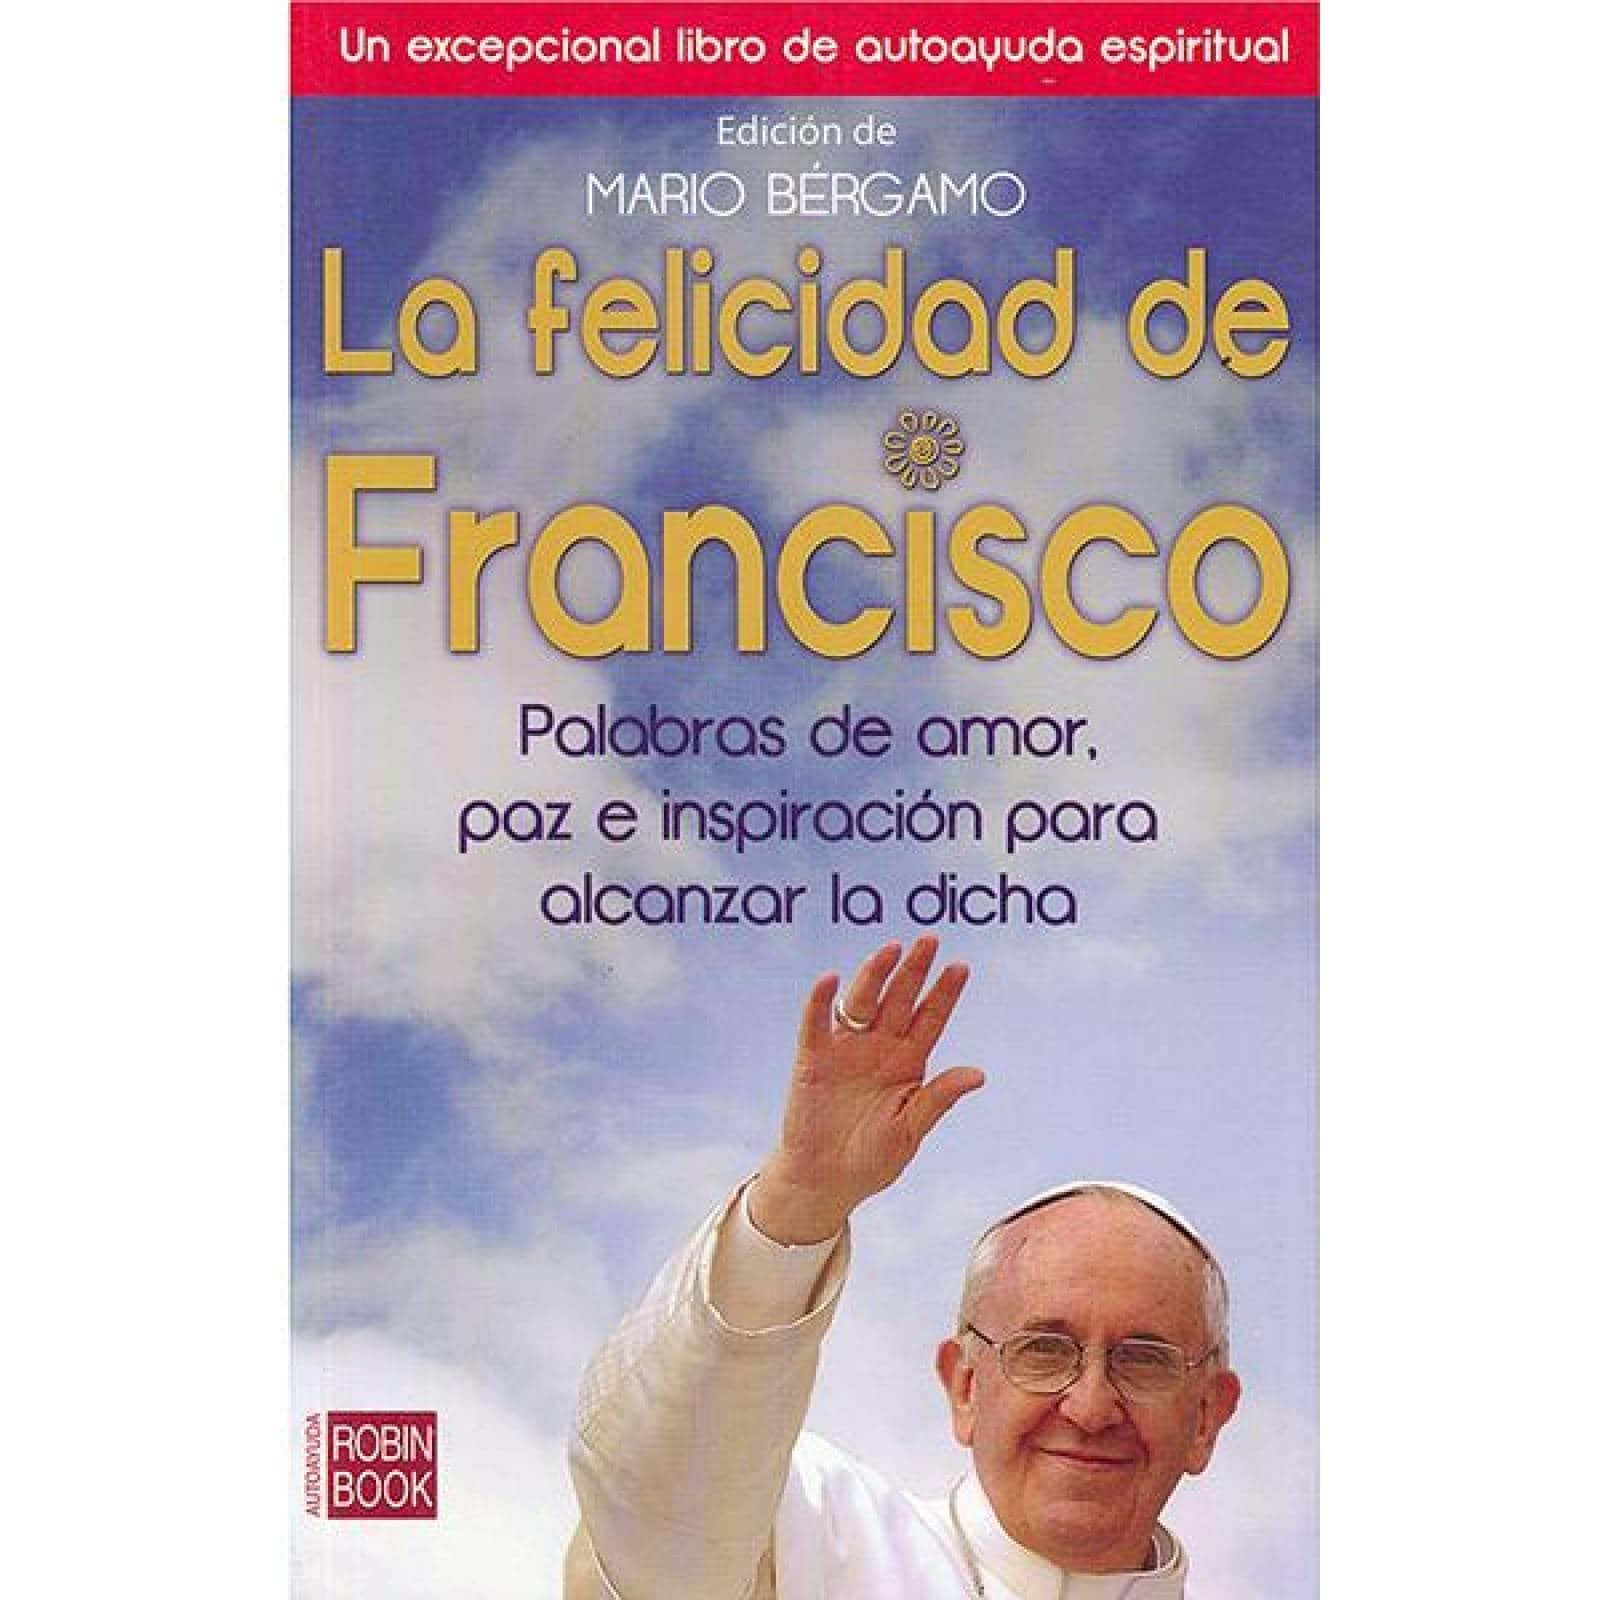 La felicidad de francisco